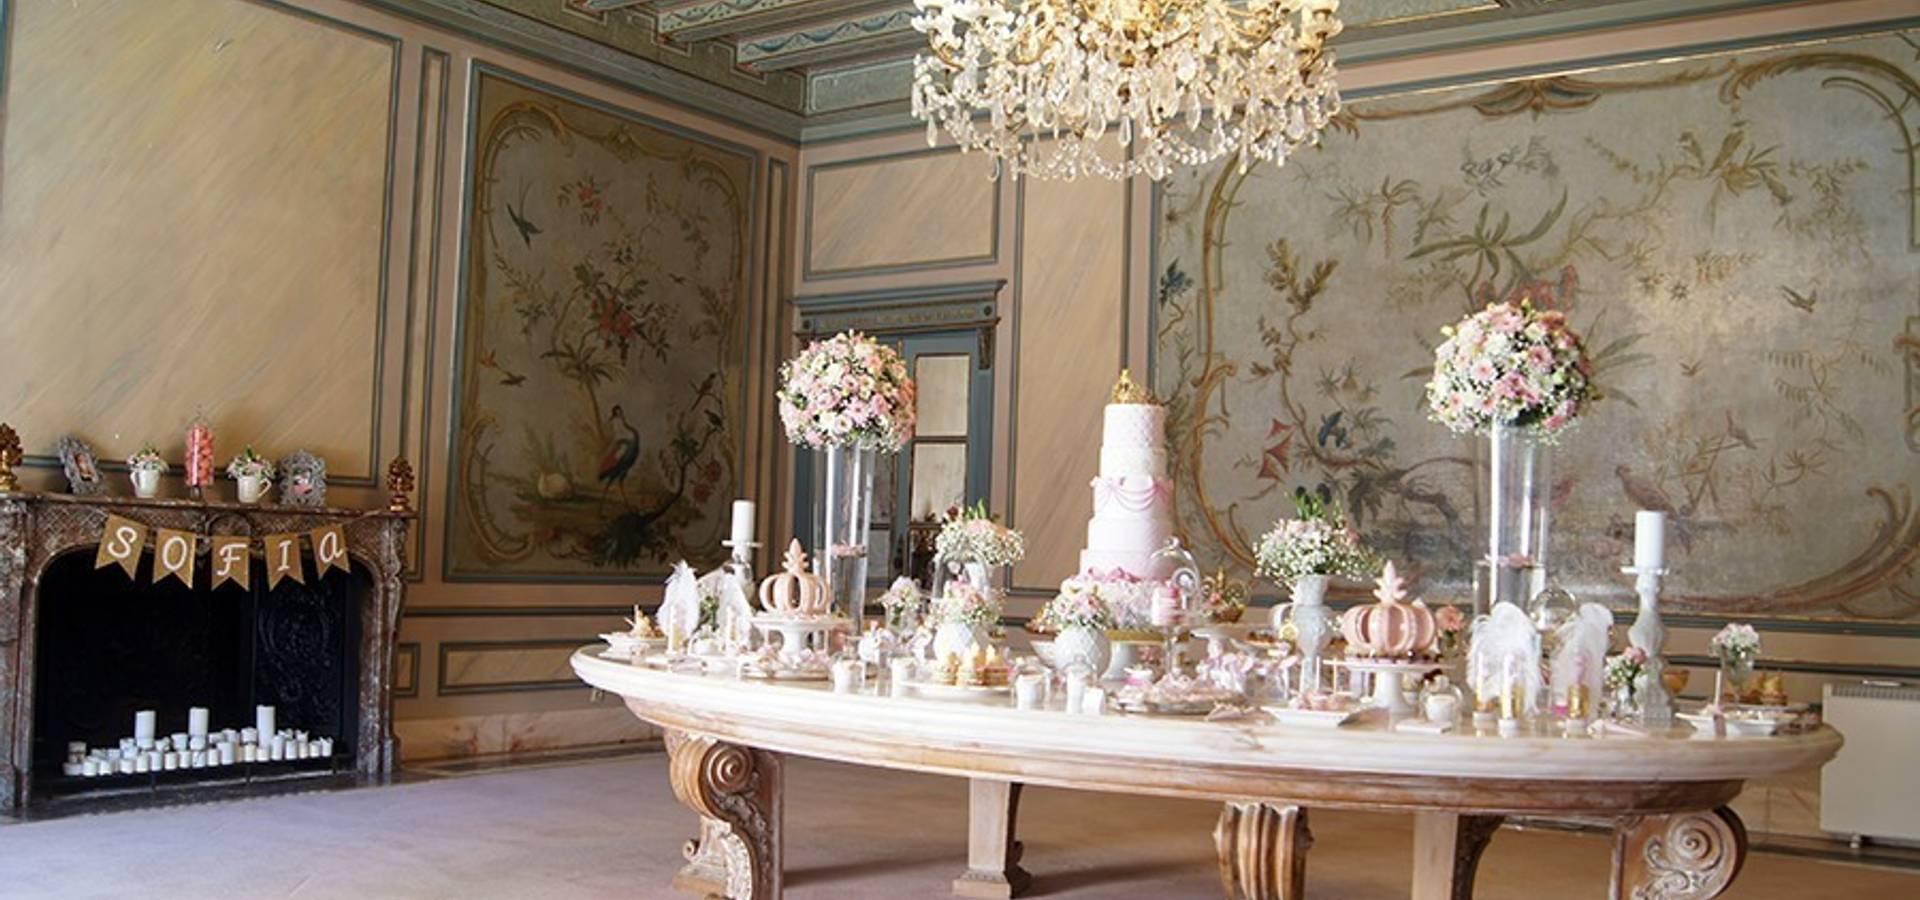 Lima lim o festas com charme decoratori d 39 interni a - Decoratori d interni ...